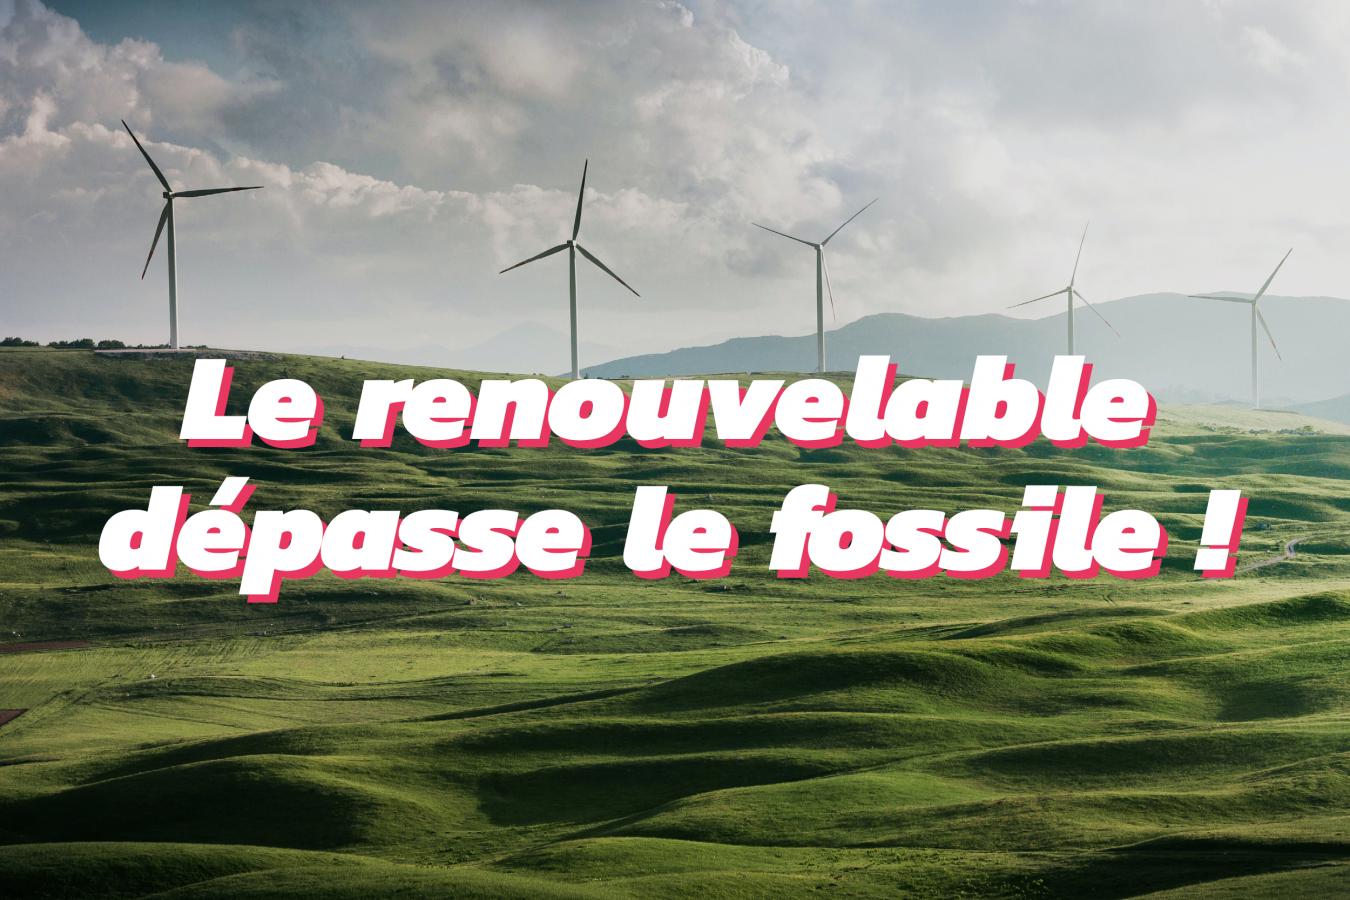 Les énergies renouvelables ont produit plus que les énergies fossiles en europe